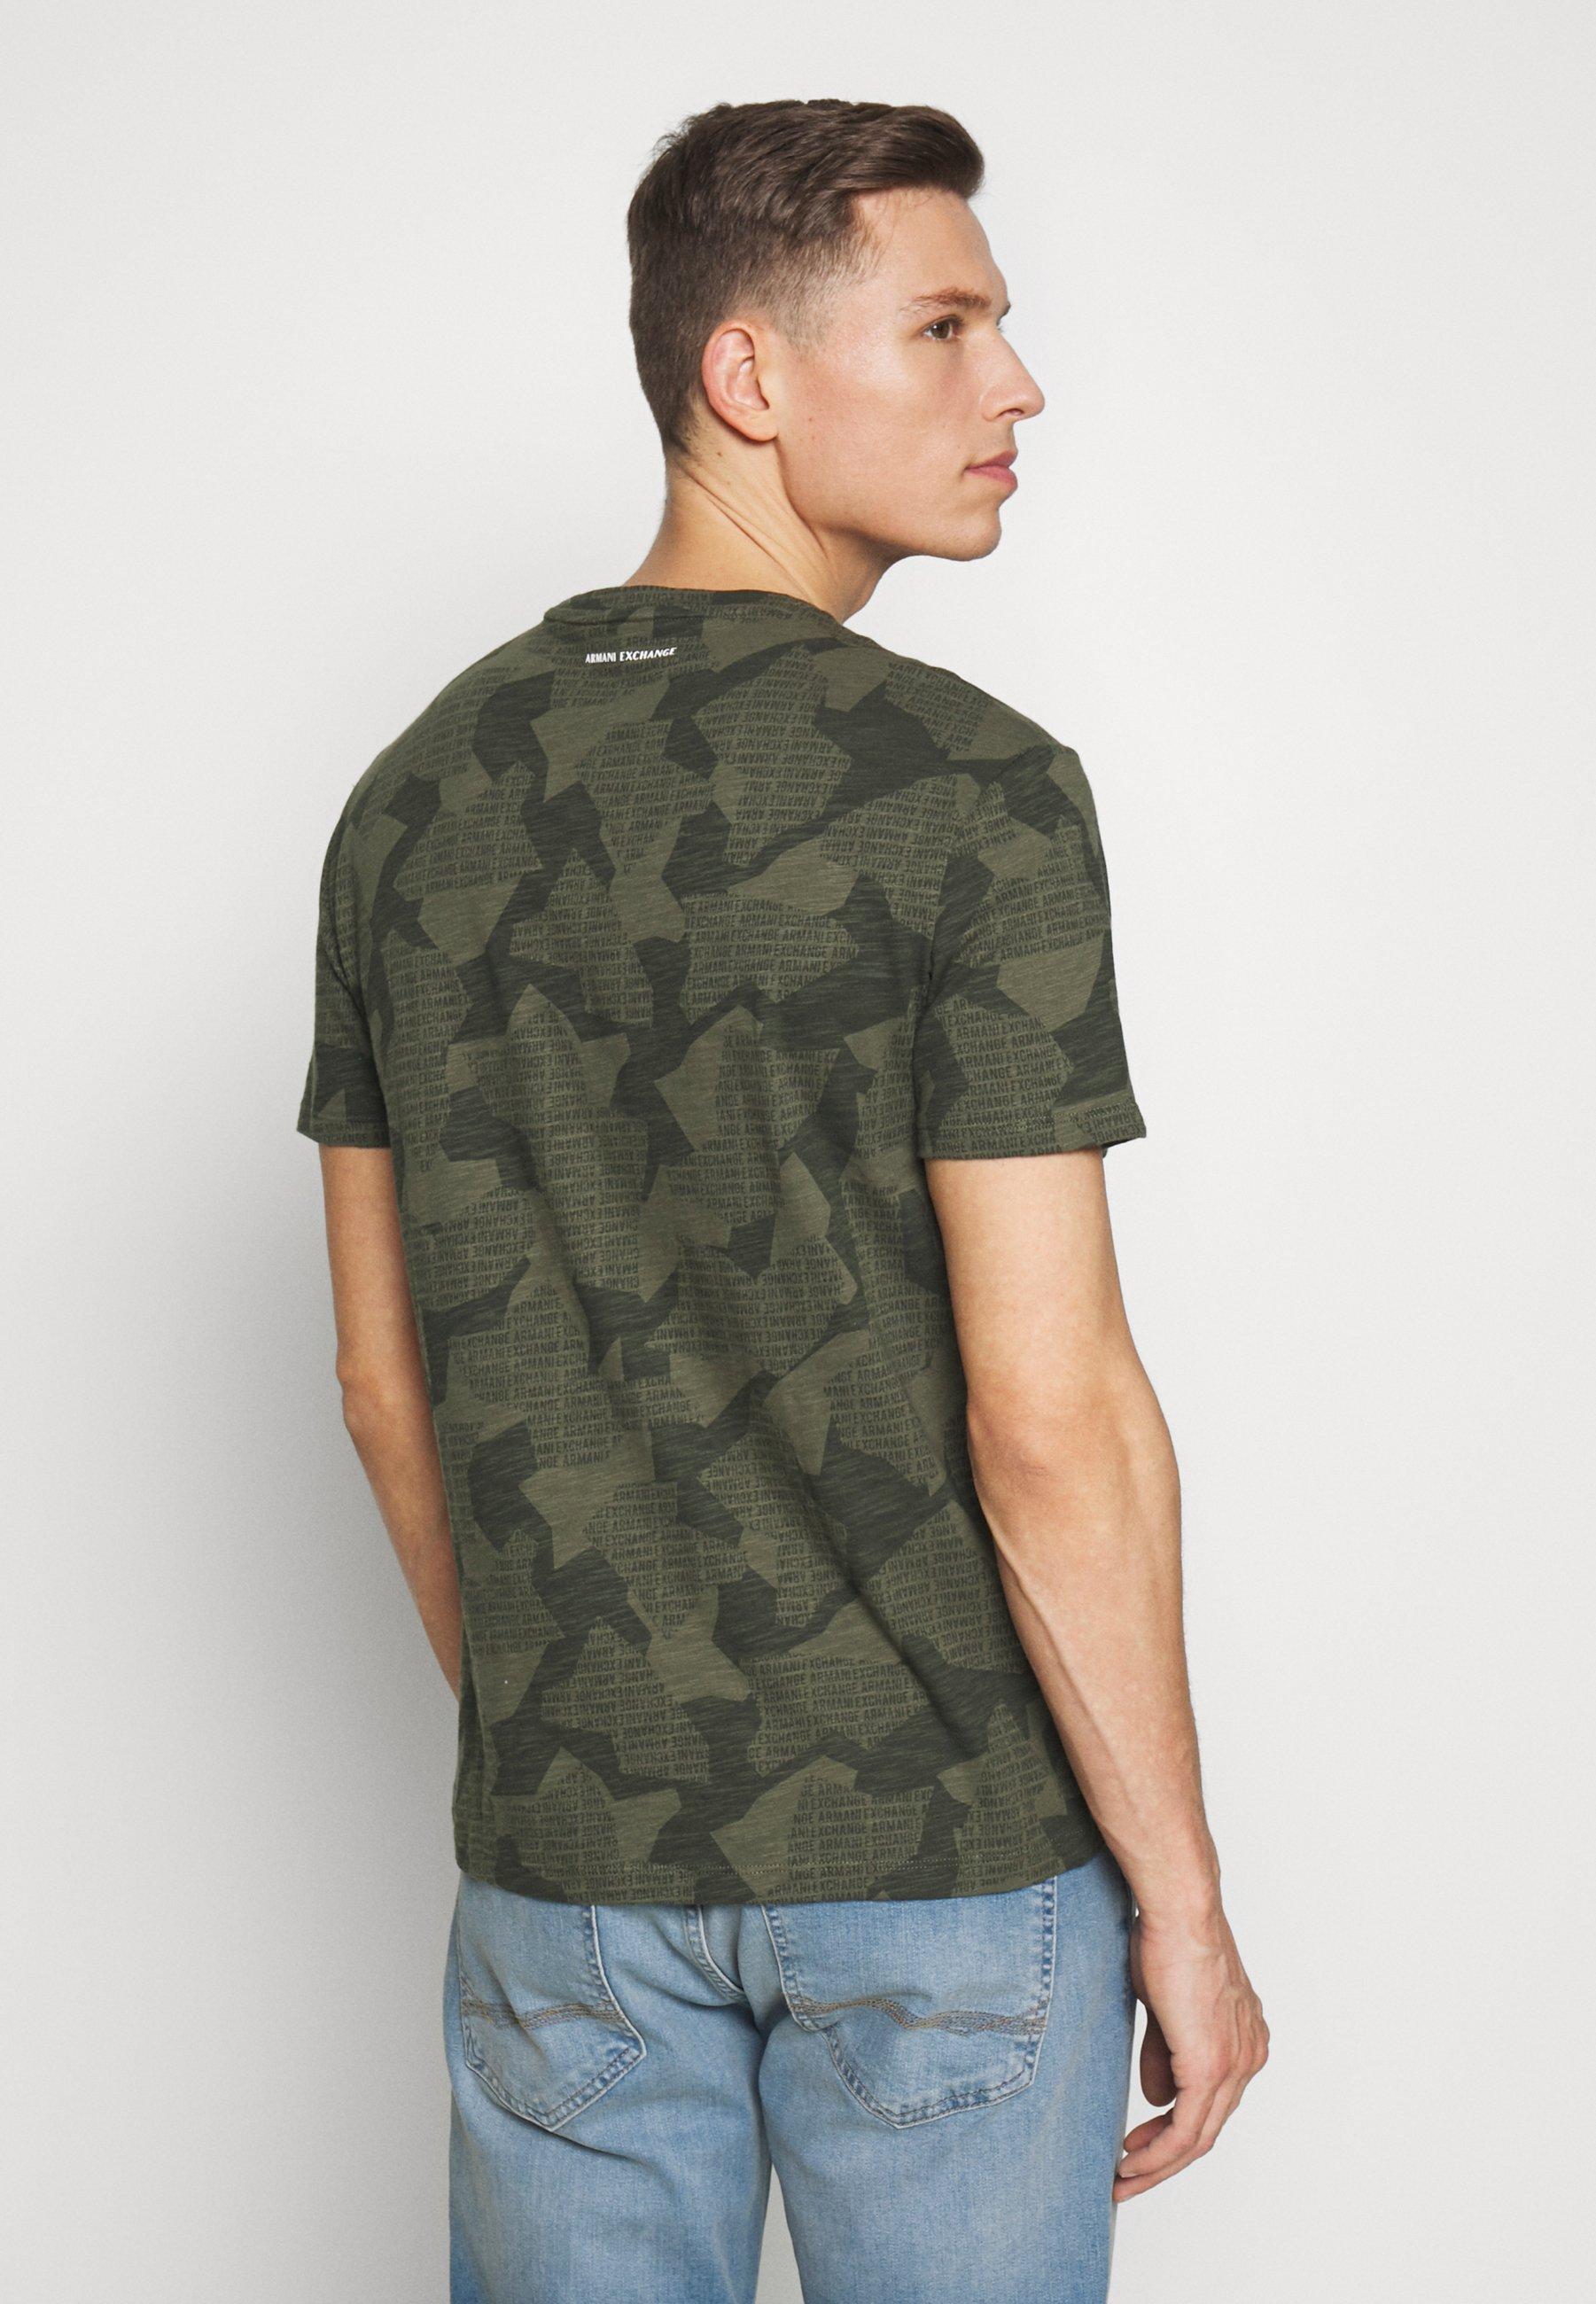 Armani Exchange Camiseta estampada - beetle